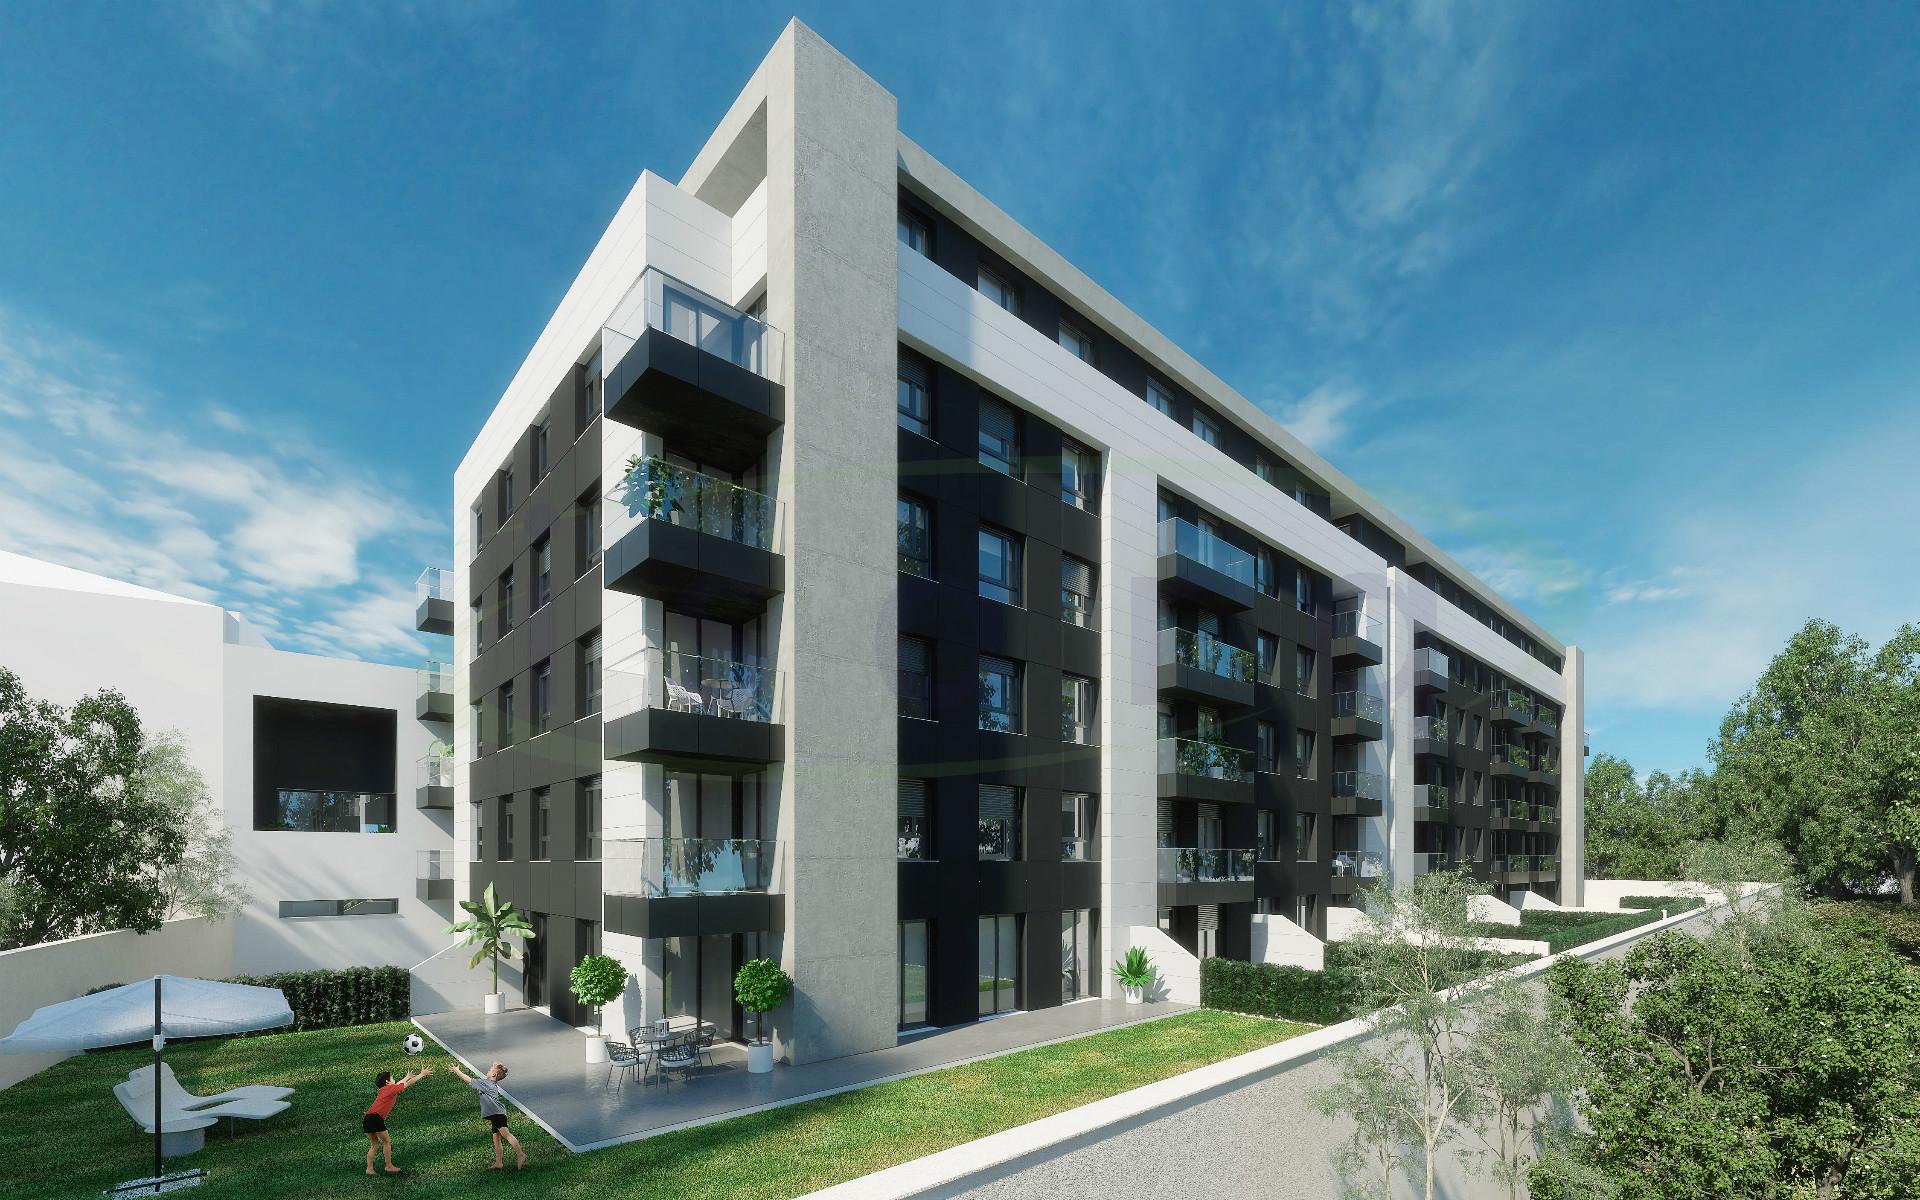 Appartamento con 2 camere da letto con balcone eccellente, NUOVO! a 500 metri dalla metropolitana